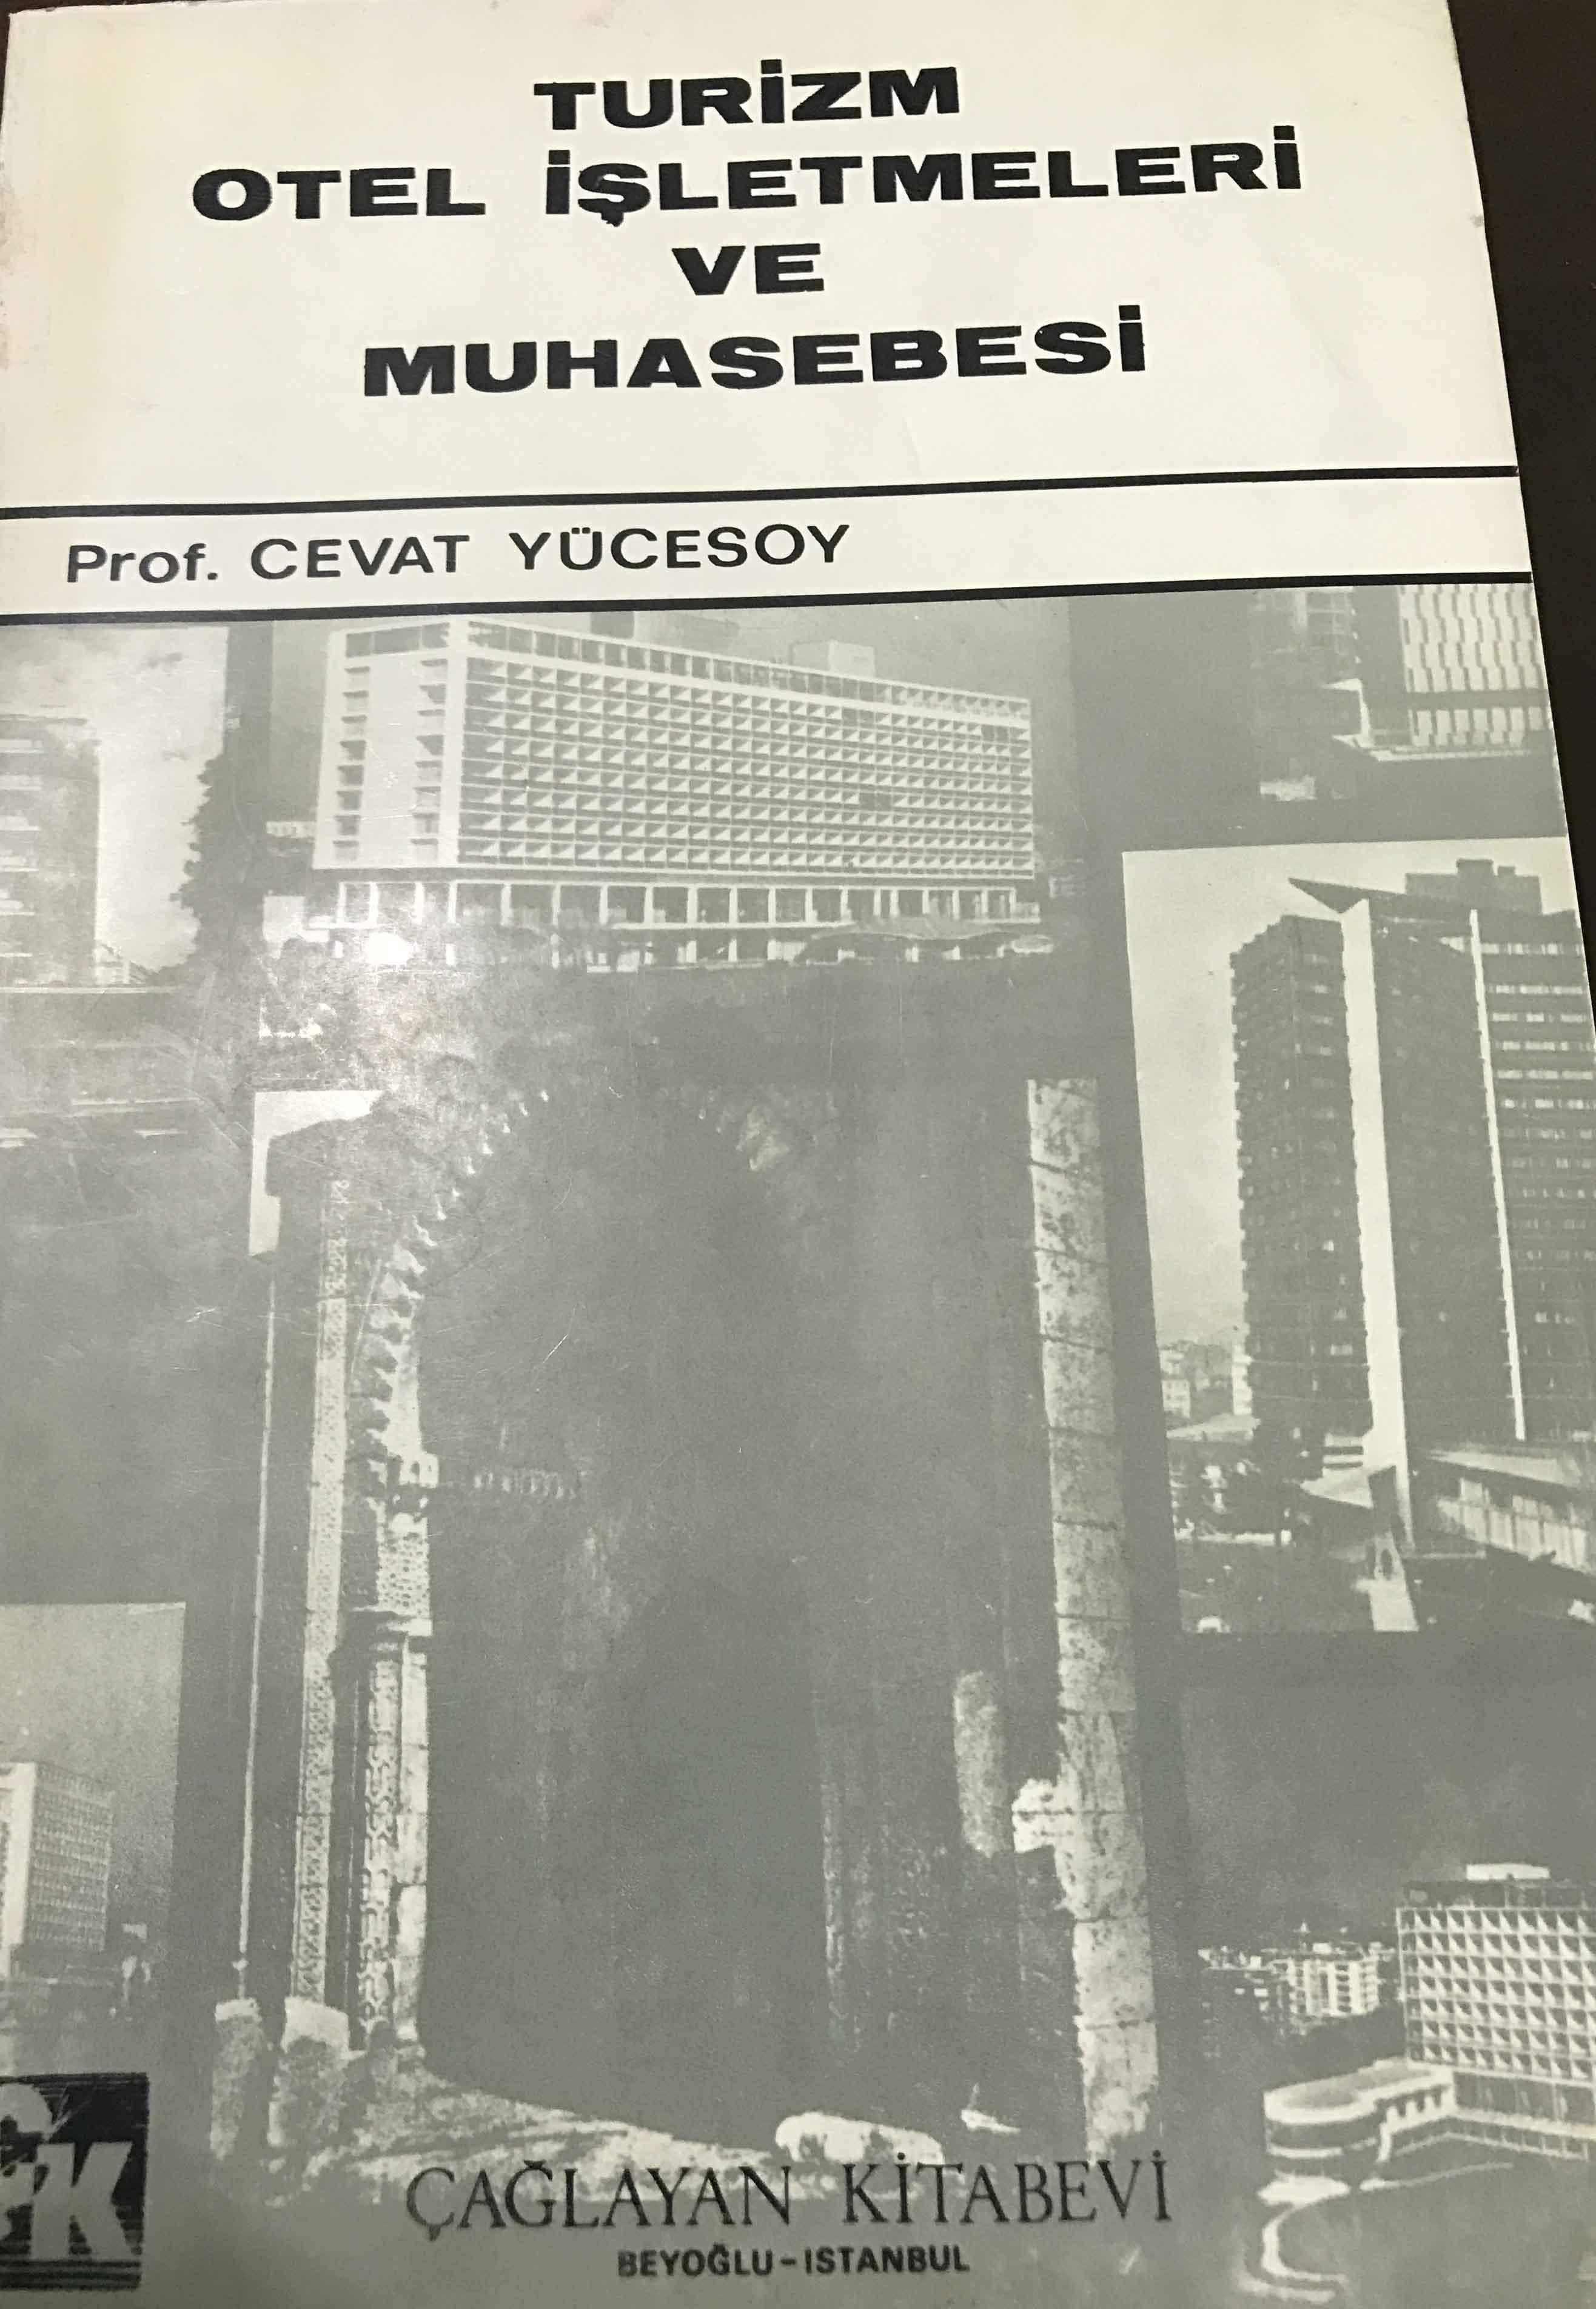 Turizm Otel İşletmeleri ve Muhasebesi Kitap Kapağı